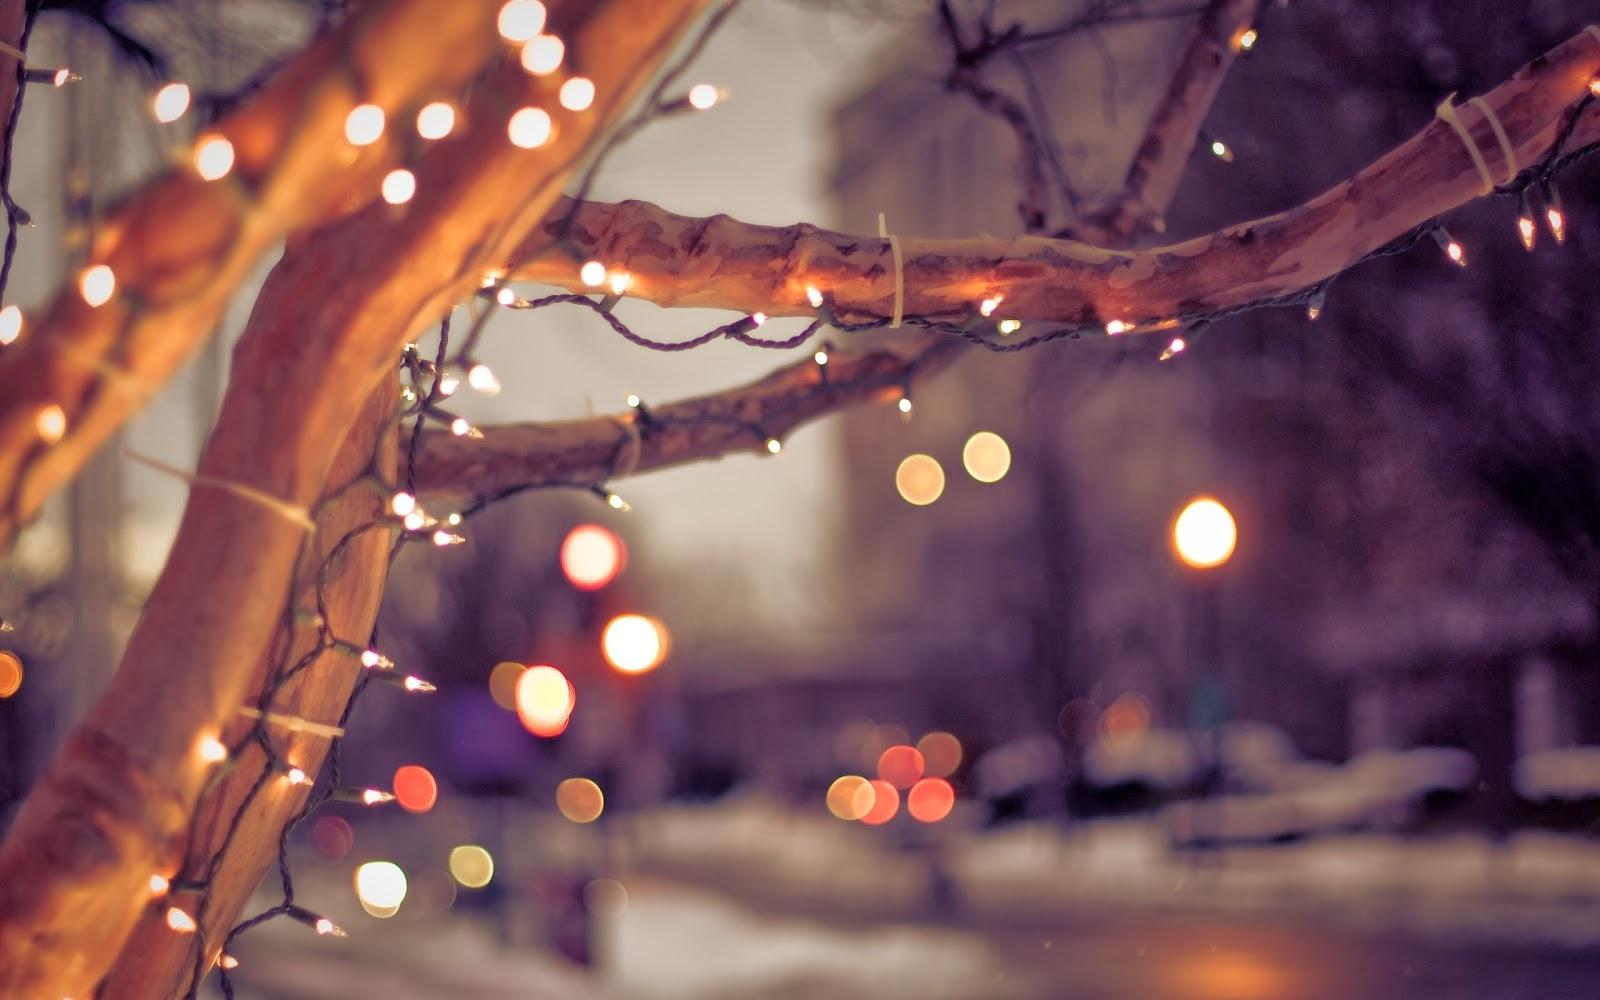 Hi: Christmas Special